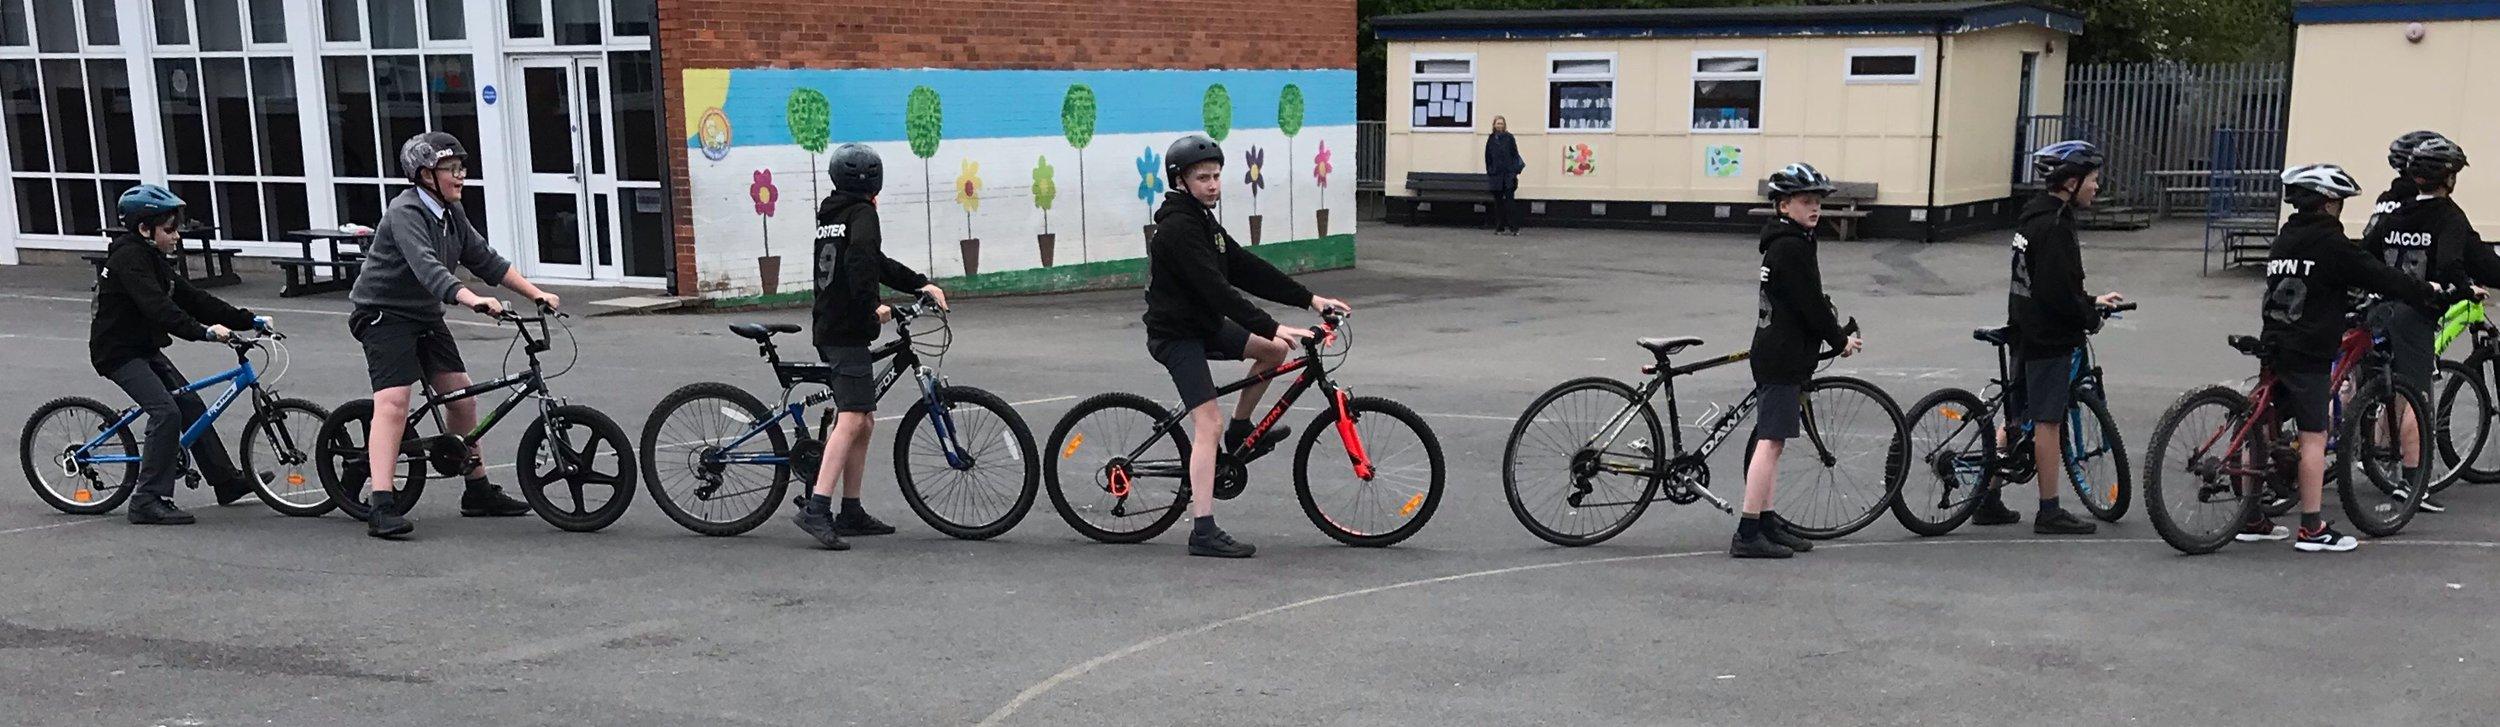 cycle 2.jpeg